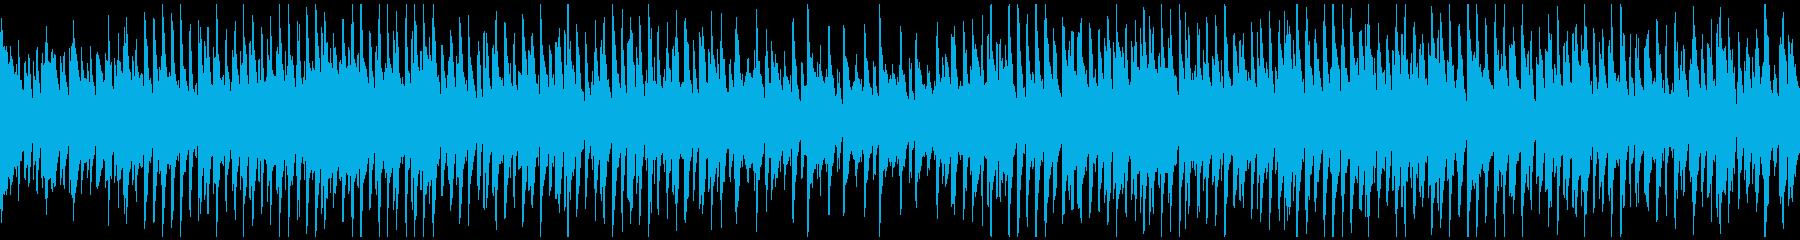 気分が良い休日のウクレレ ※ループ仕様版の再生済みの波形